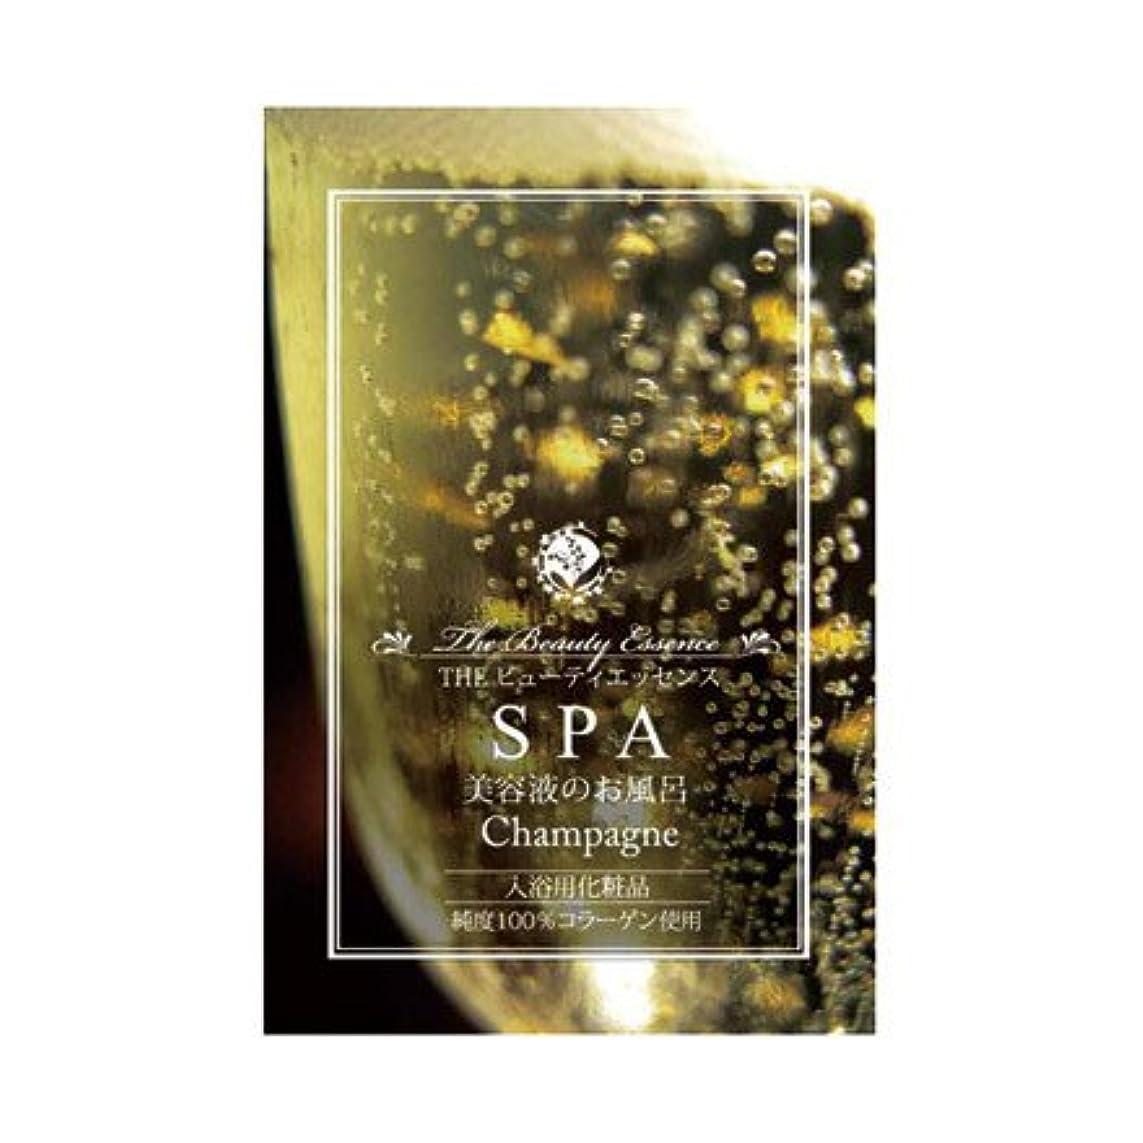 悲しい消費者再現するビューティエッセンスSPA シャンパン 50g(入浴剤)